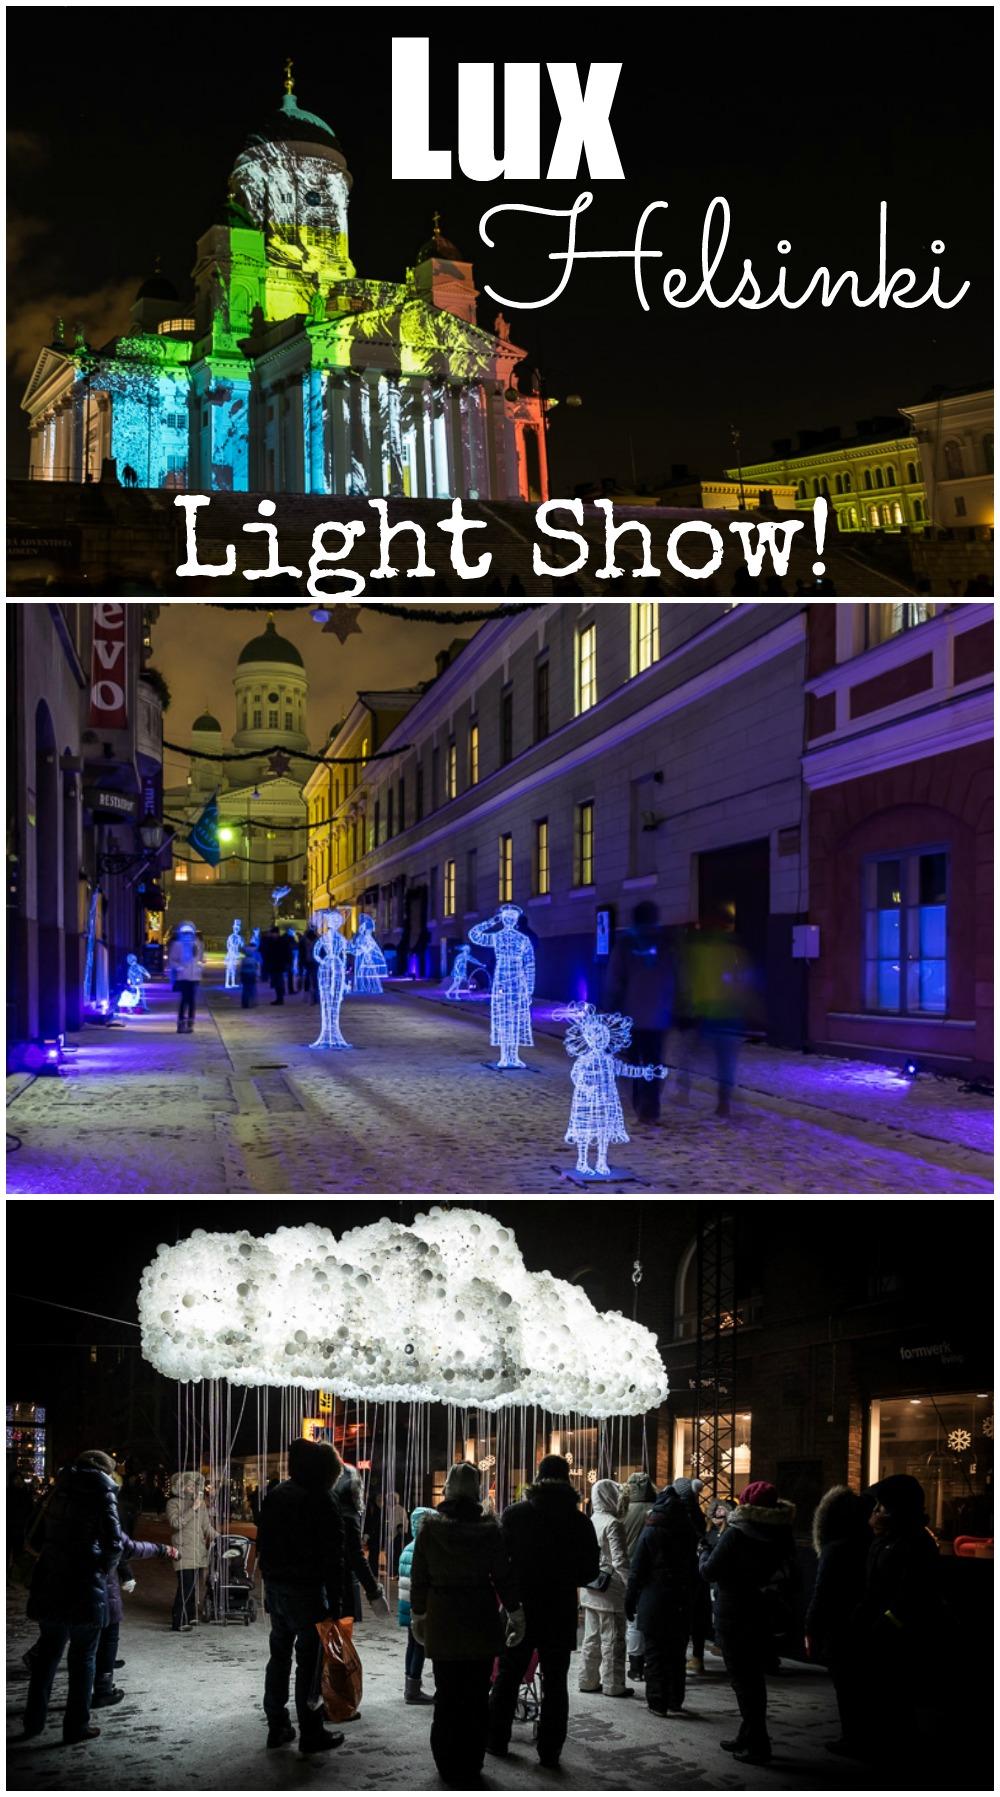 Lux Helsinki 2016 Light Show